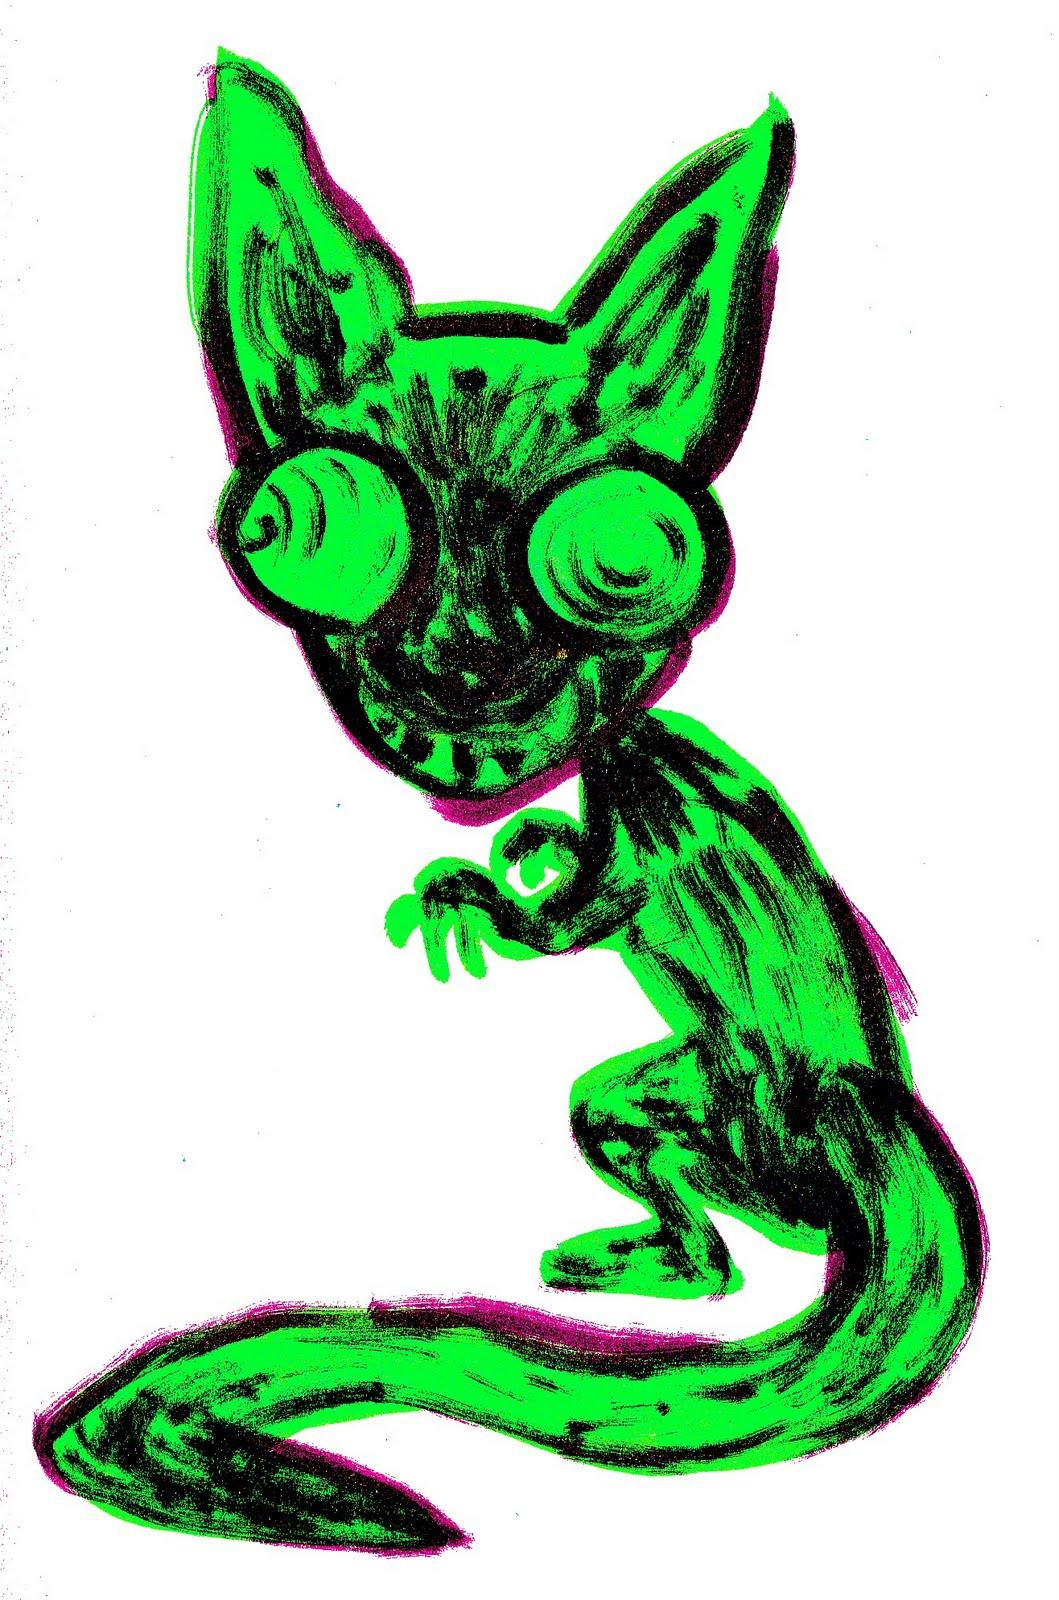 [first+possum+NEGATIVORARE!!!!!!]